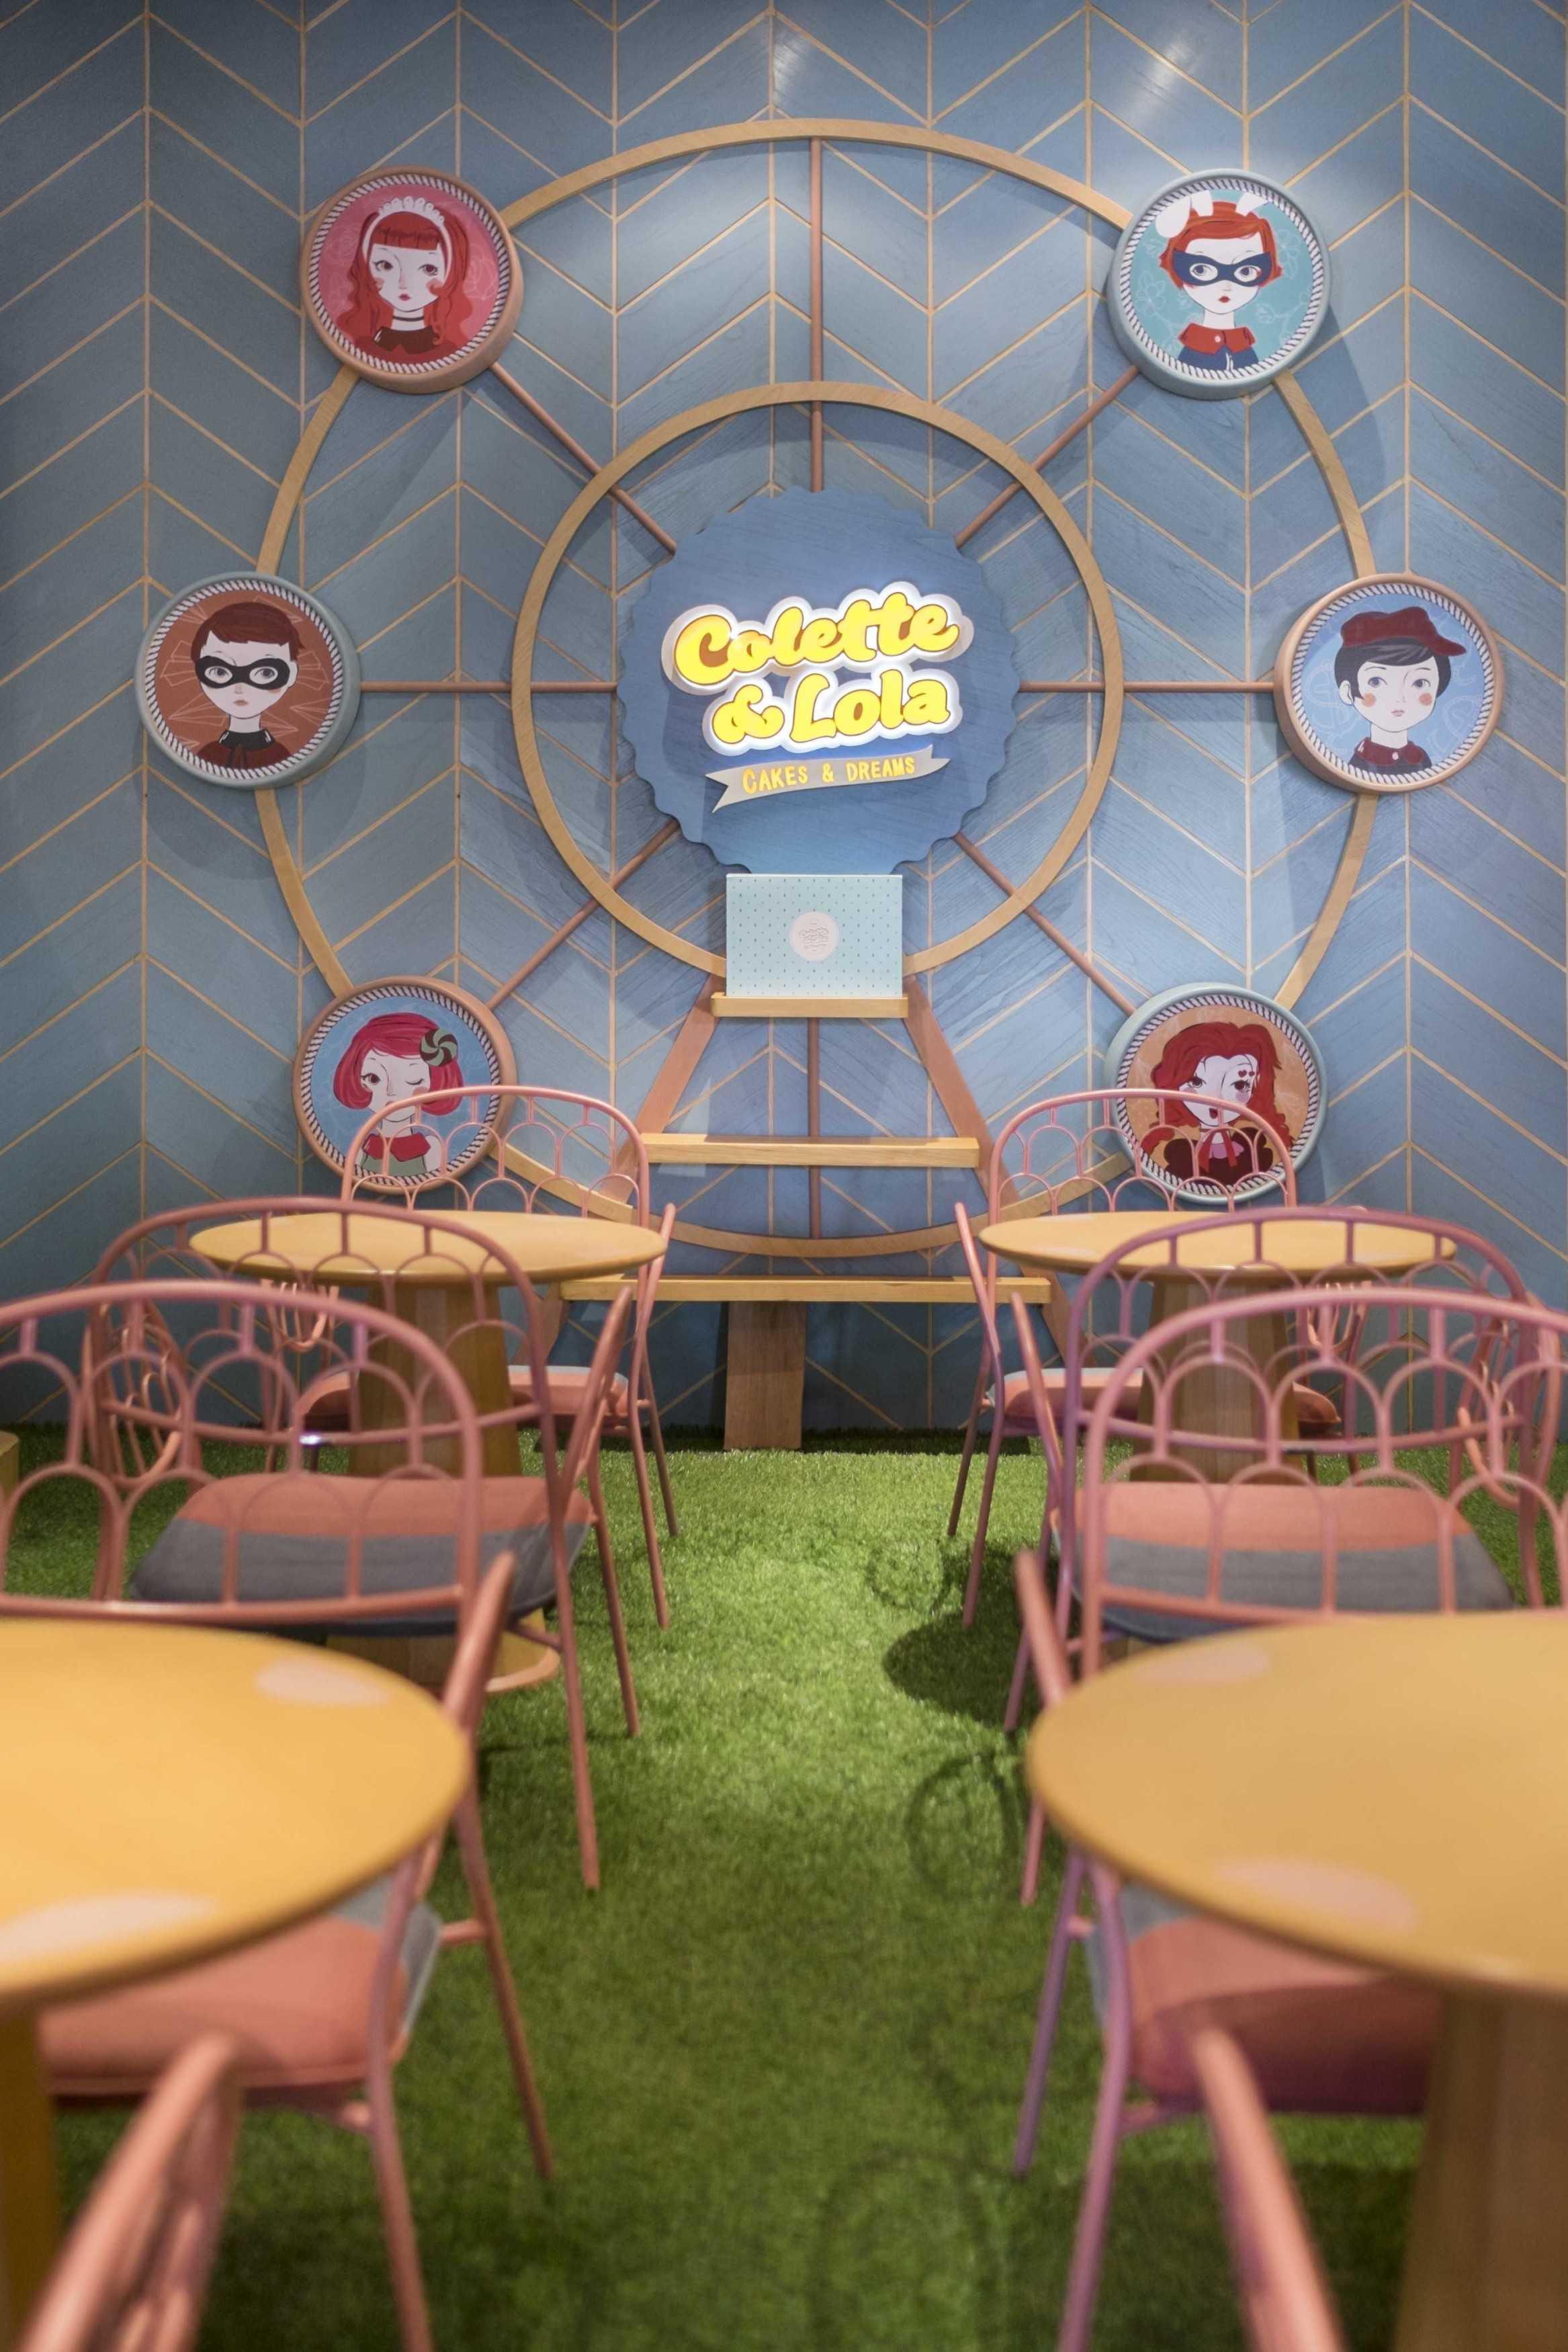 Alvin Tjitrowirjo, Alvint Studio Colette Lola Puri Indah  Puri Indah Mall, Jakarta  Puri Indah Mall, Jakarta  Chair Details Industrial  15639